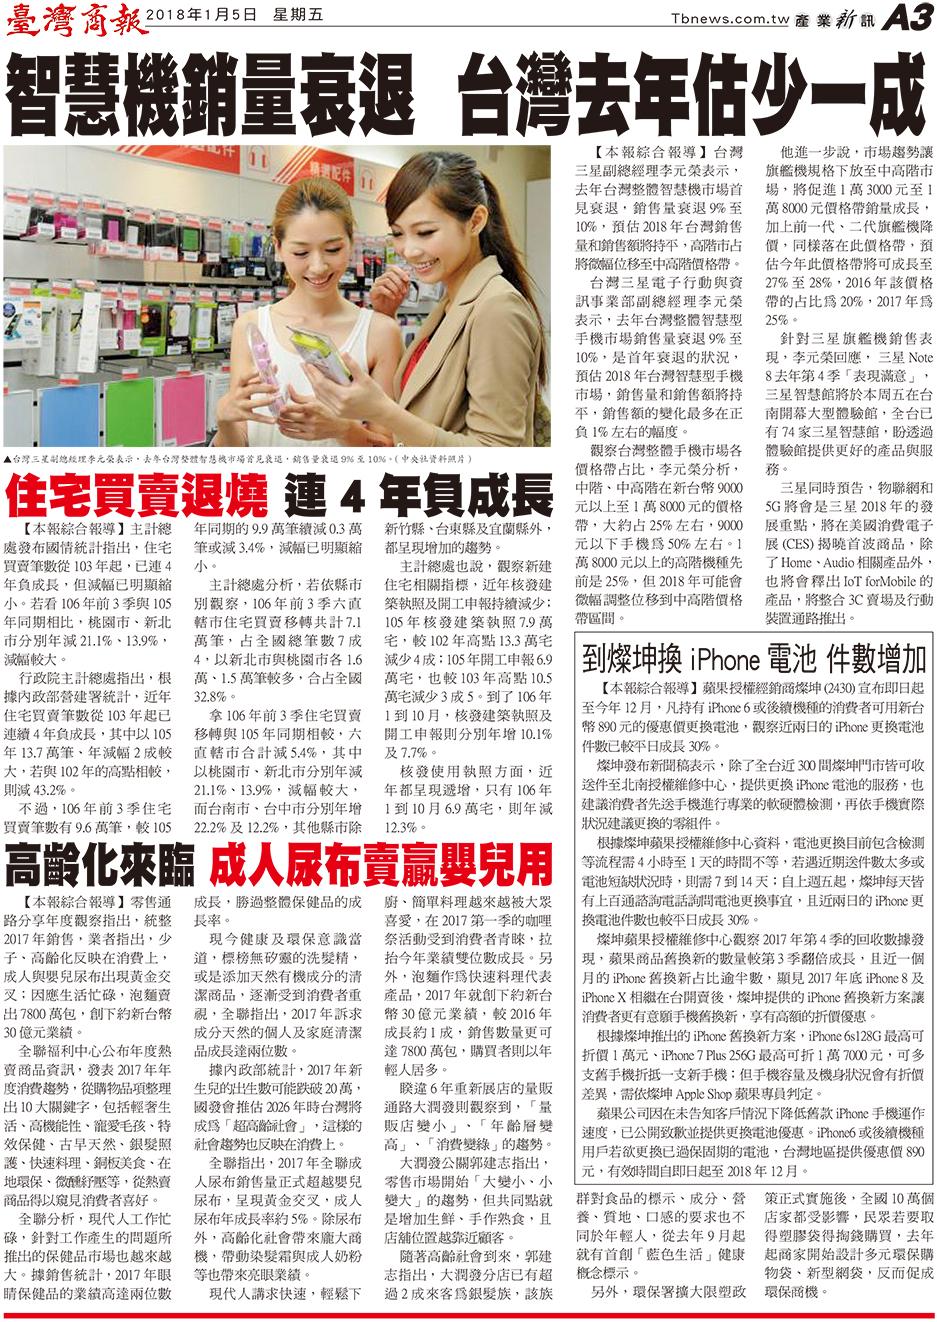 智慧機銷量衰退 台灣去年估少一成